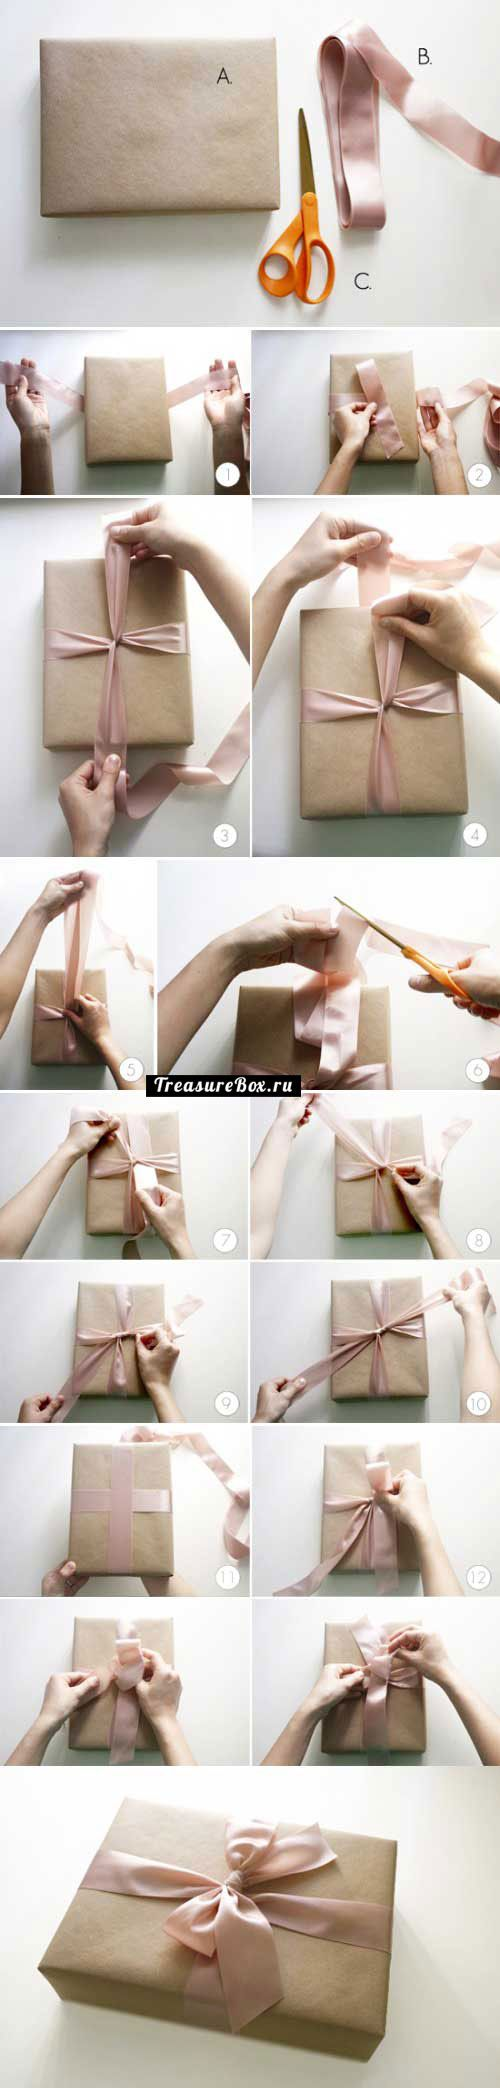 как завязать бант на подарок